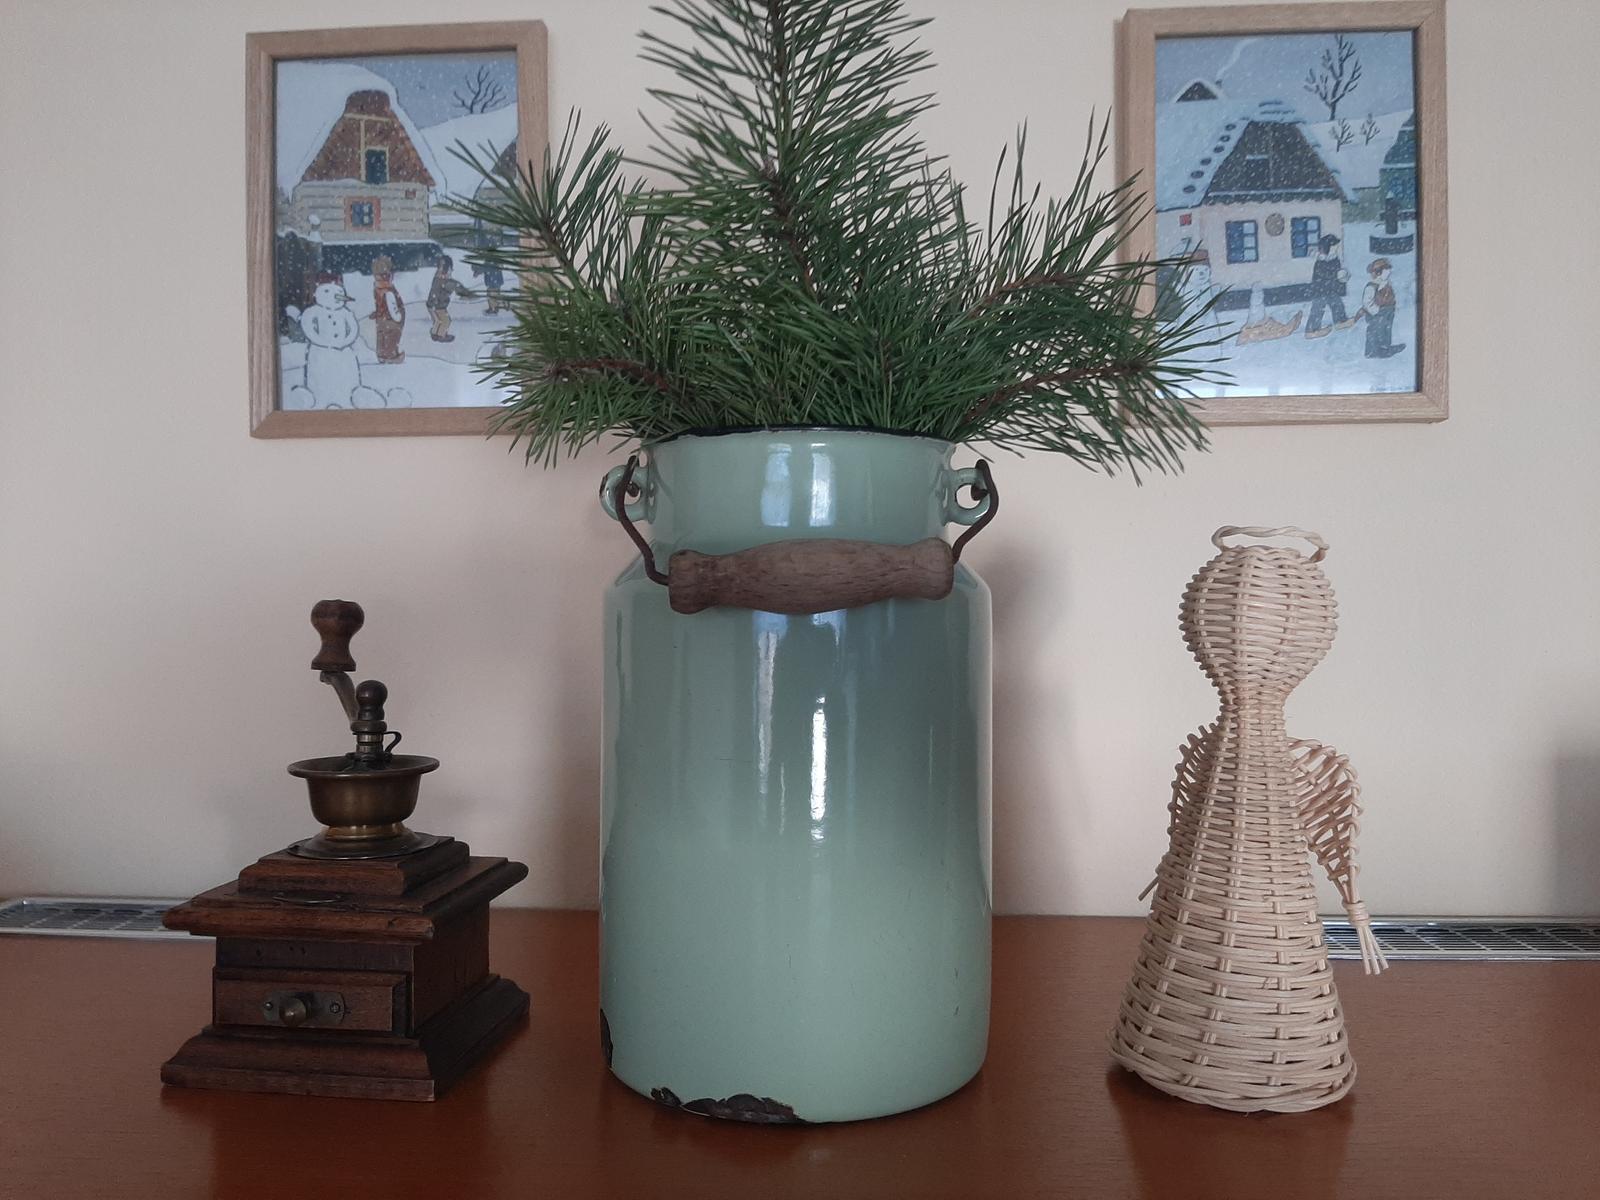 Vianoce 2019 - Šťastný nový rok strechači.